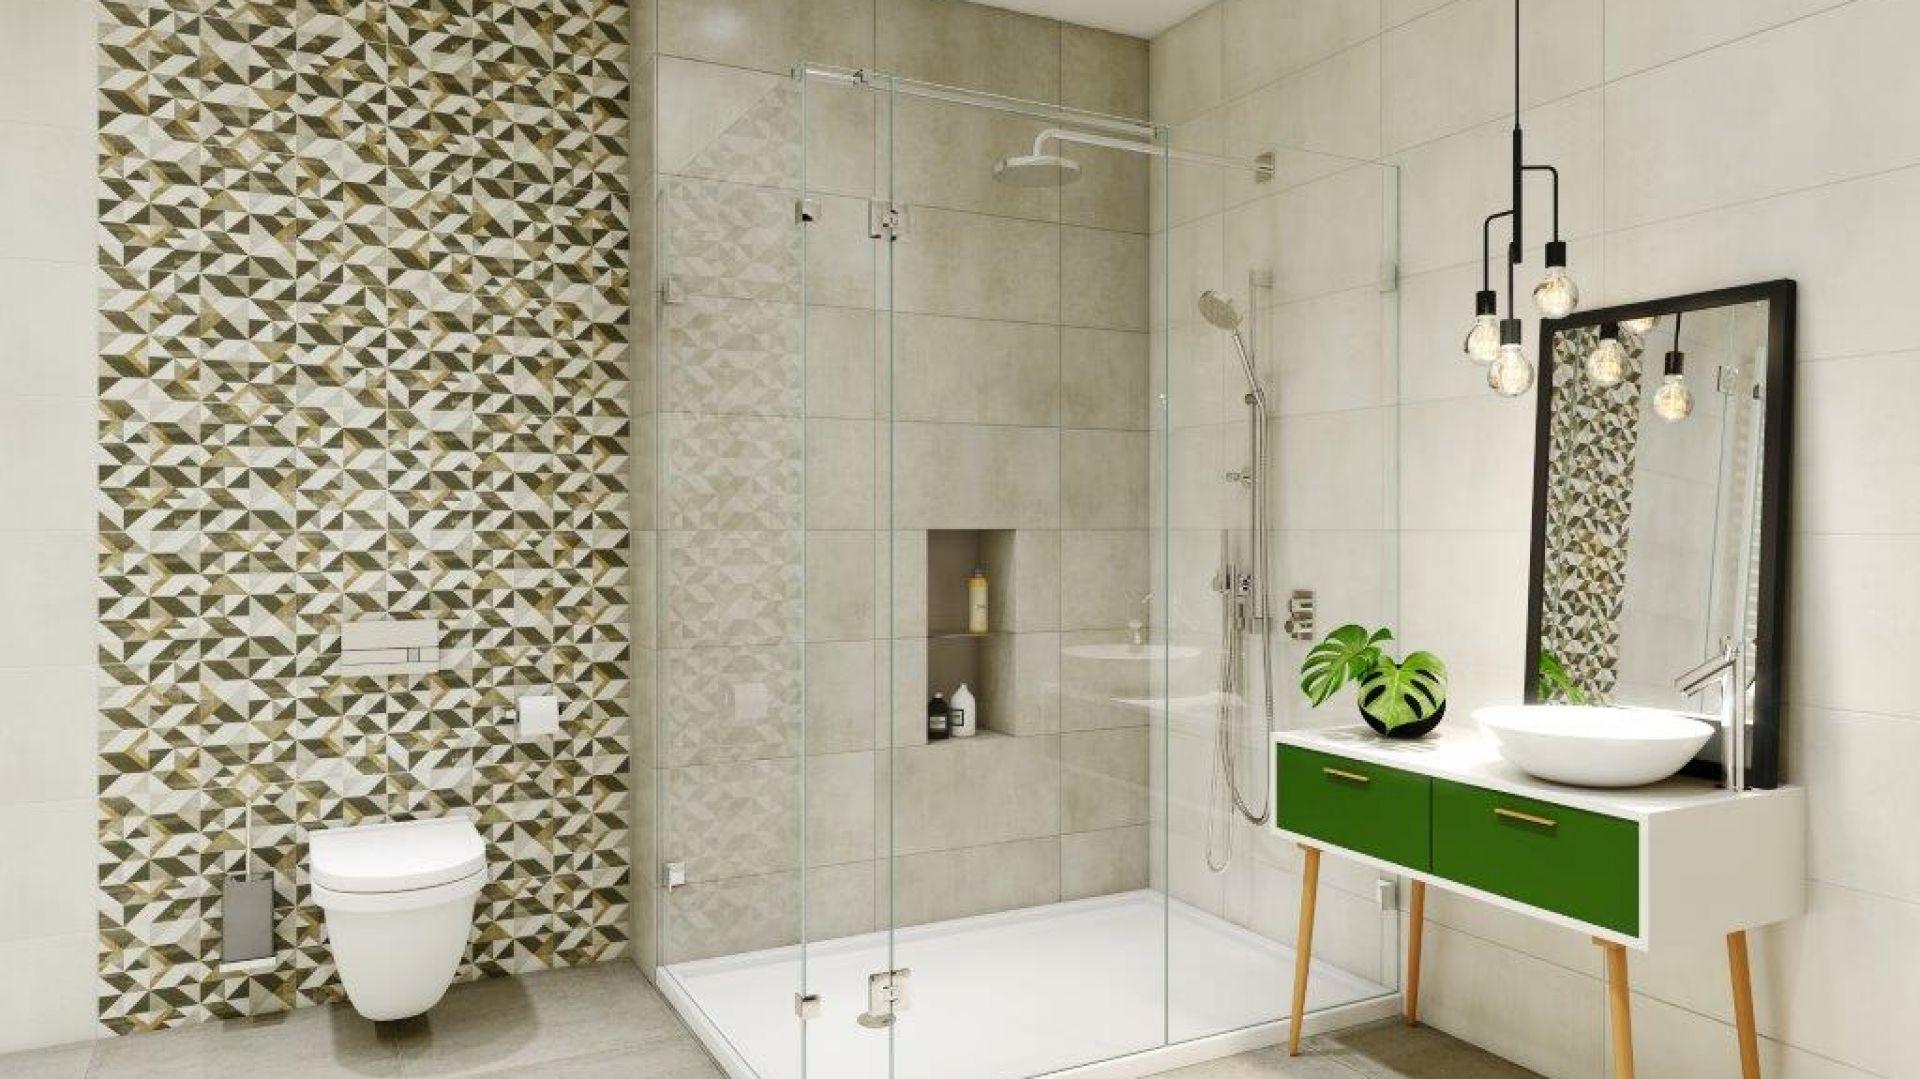 Kolekcja Enya to ukłon w stronę miłośników natury oraz minimalistycznych rozwiązań. Bazę stanowią tu modne płytki o tonalnej powierzchni w kolorze złamanej bieli, cementowej szarości oraz przetartego brązu. Fot. Ceramika Paradyż